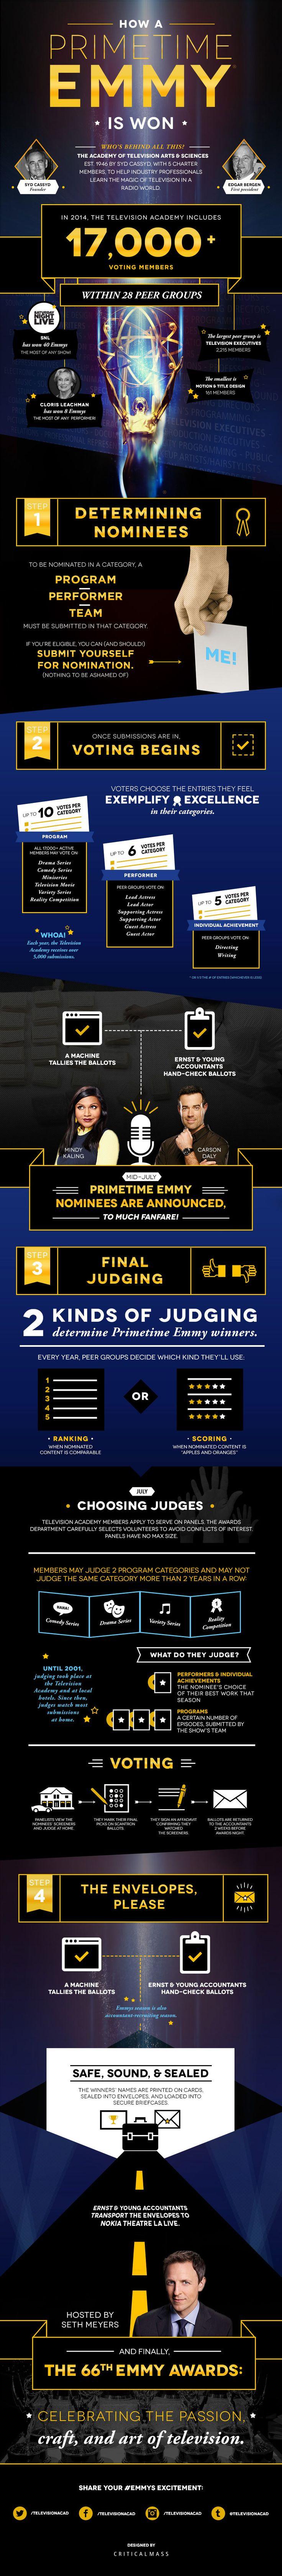 """""""How a Primetime Emmy is Won"""" - O processo de indicação e eleição dos Primetime Emmys"""